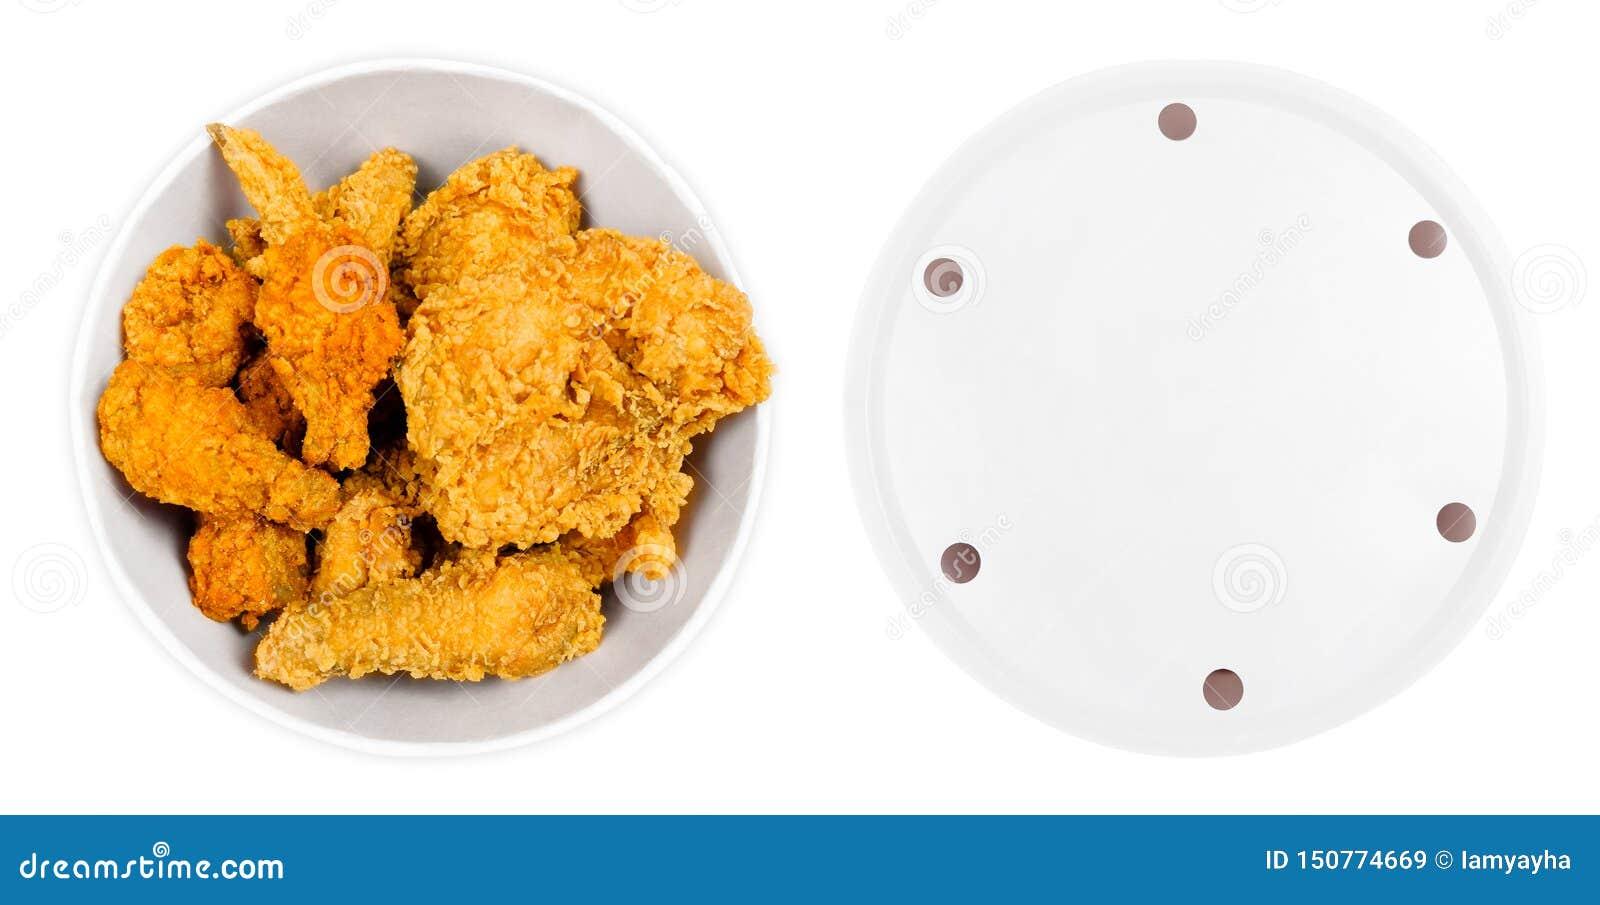 油煎的鸡翅和腿在白色桶箱子隔绝了 金黄布朗食物 面包的顶视图桶充分热和酥脆辣